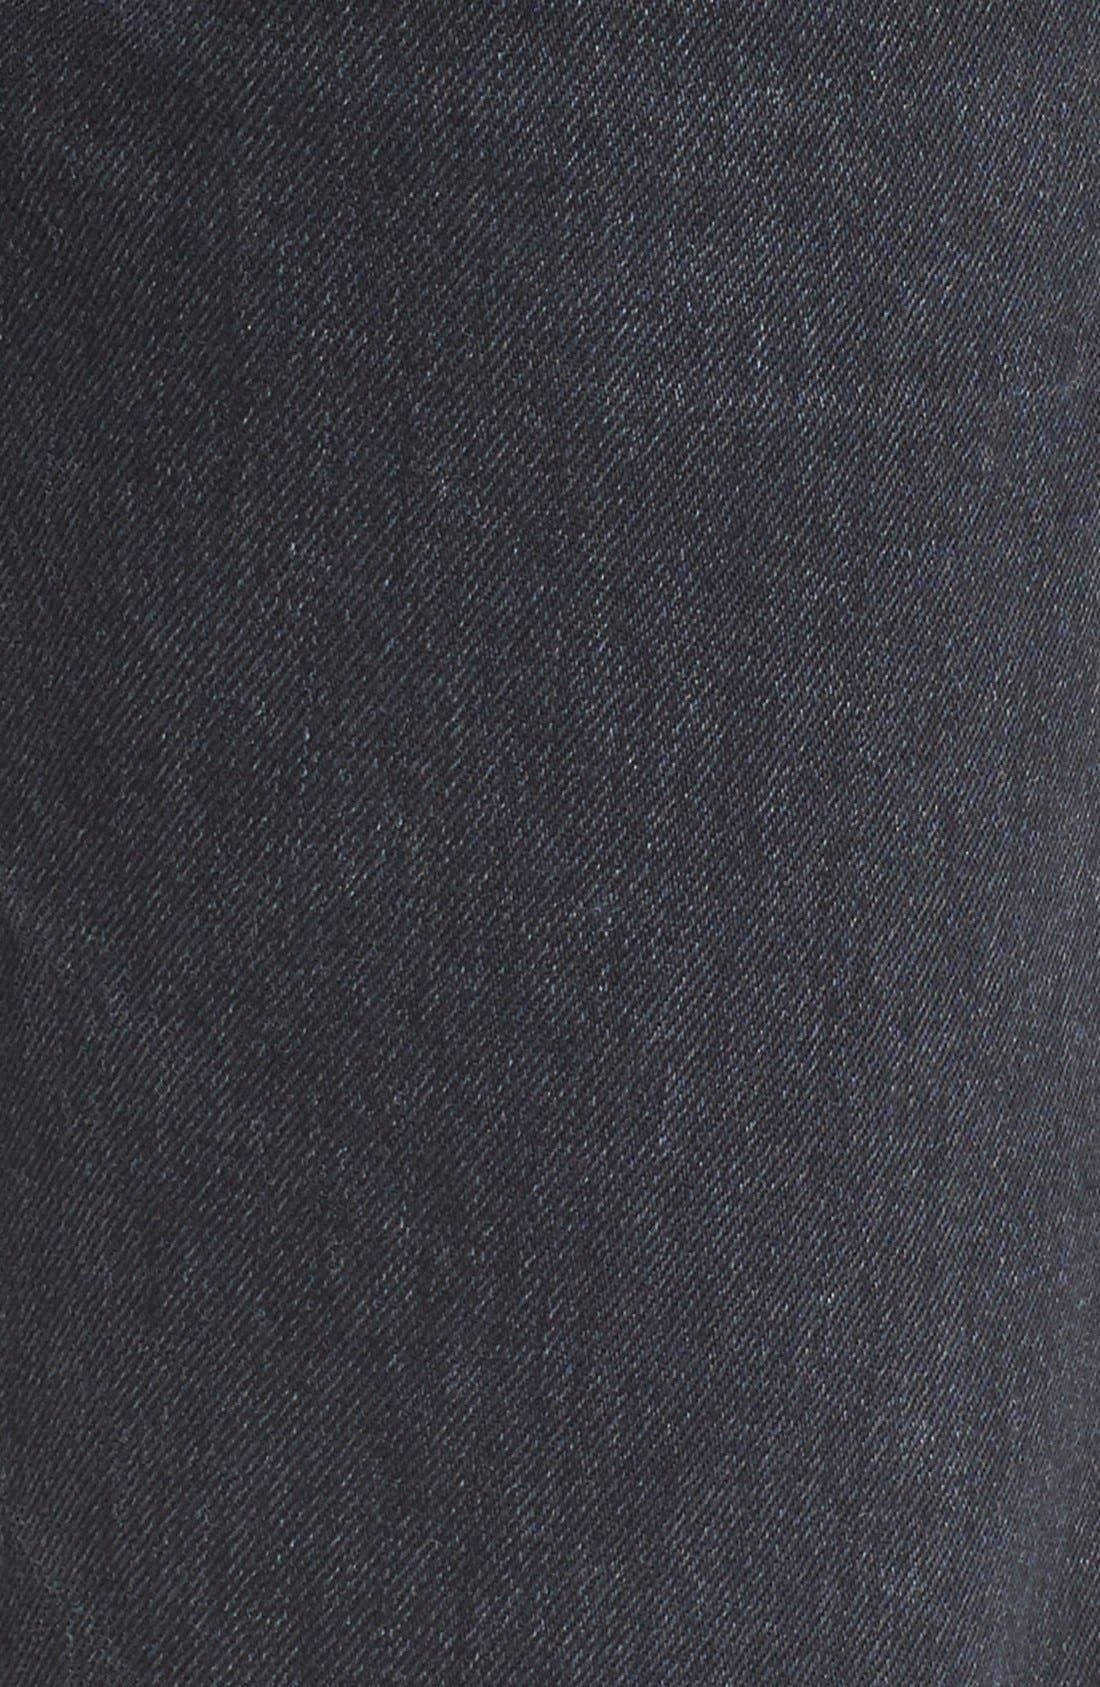 Emerson Slim Boyfriend Jeans,                             Alternate thumbnail 5, color,                             006